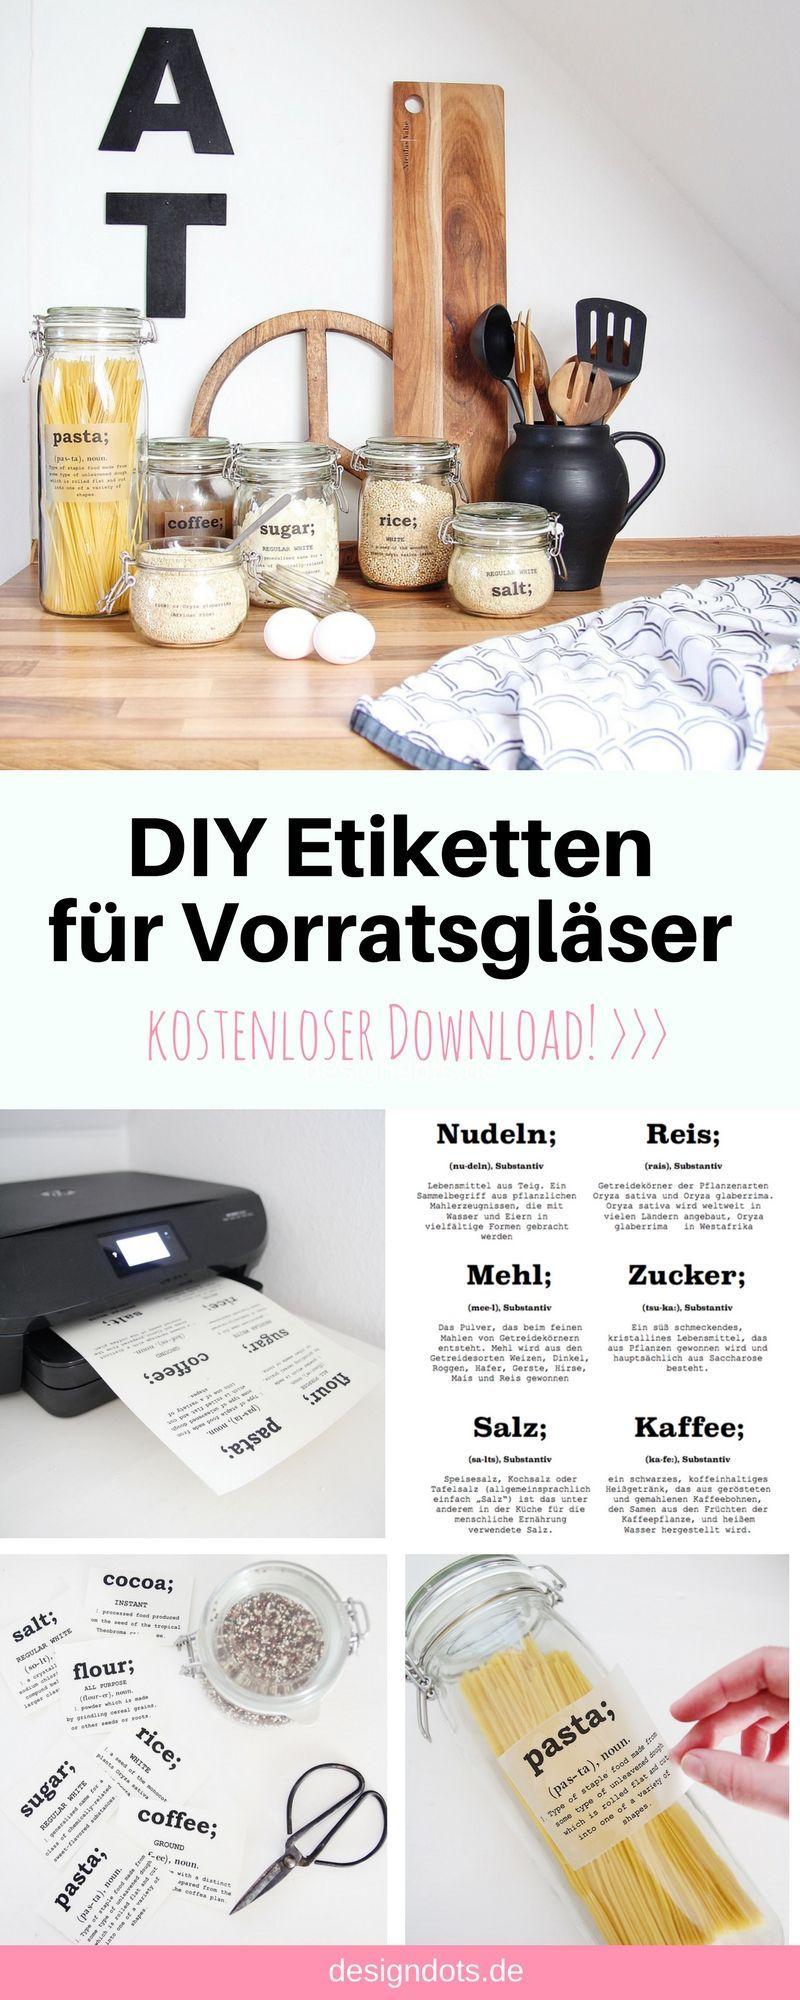 DIY Etiketten für Vorratsgläser zum ausdrucken #weckgläserdekorieren